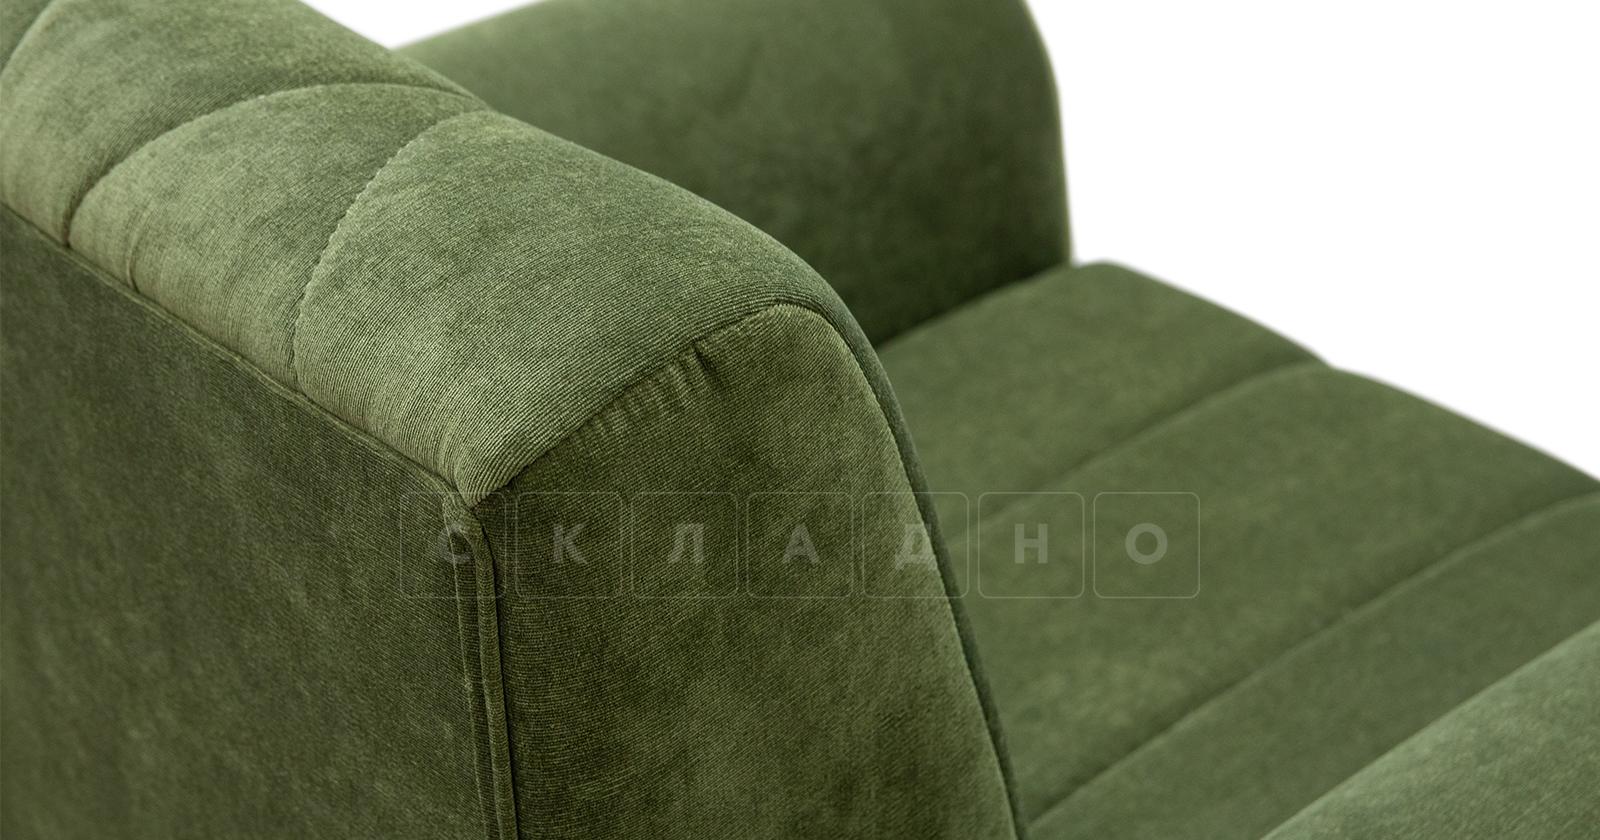 Кресло для отдыха Роза оливковый фото 8 | интернет-магазин Складно